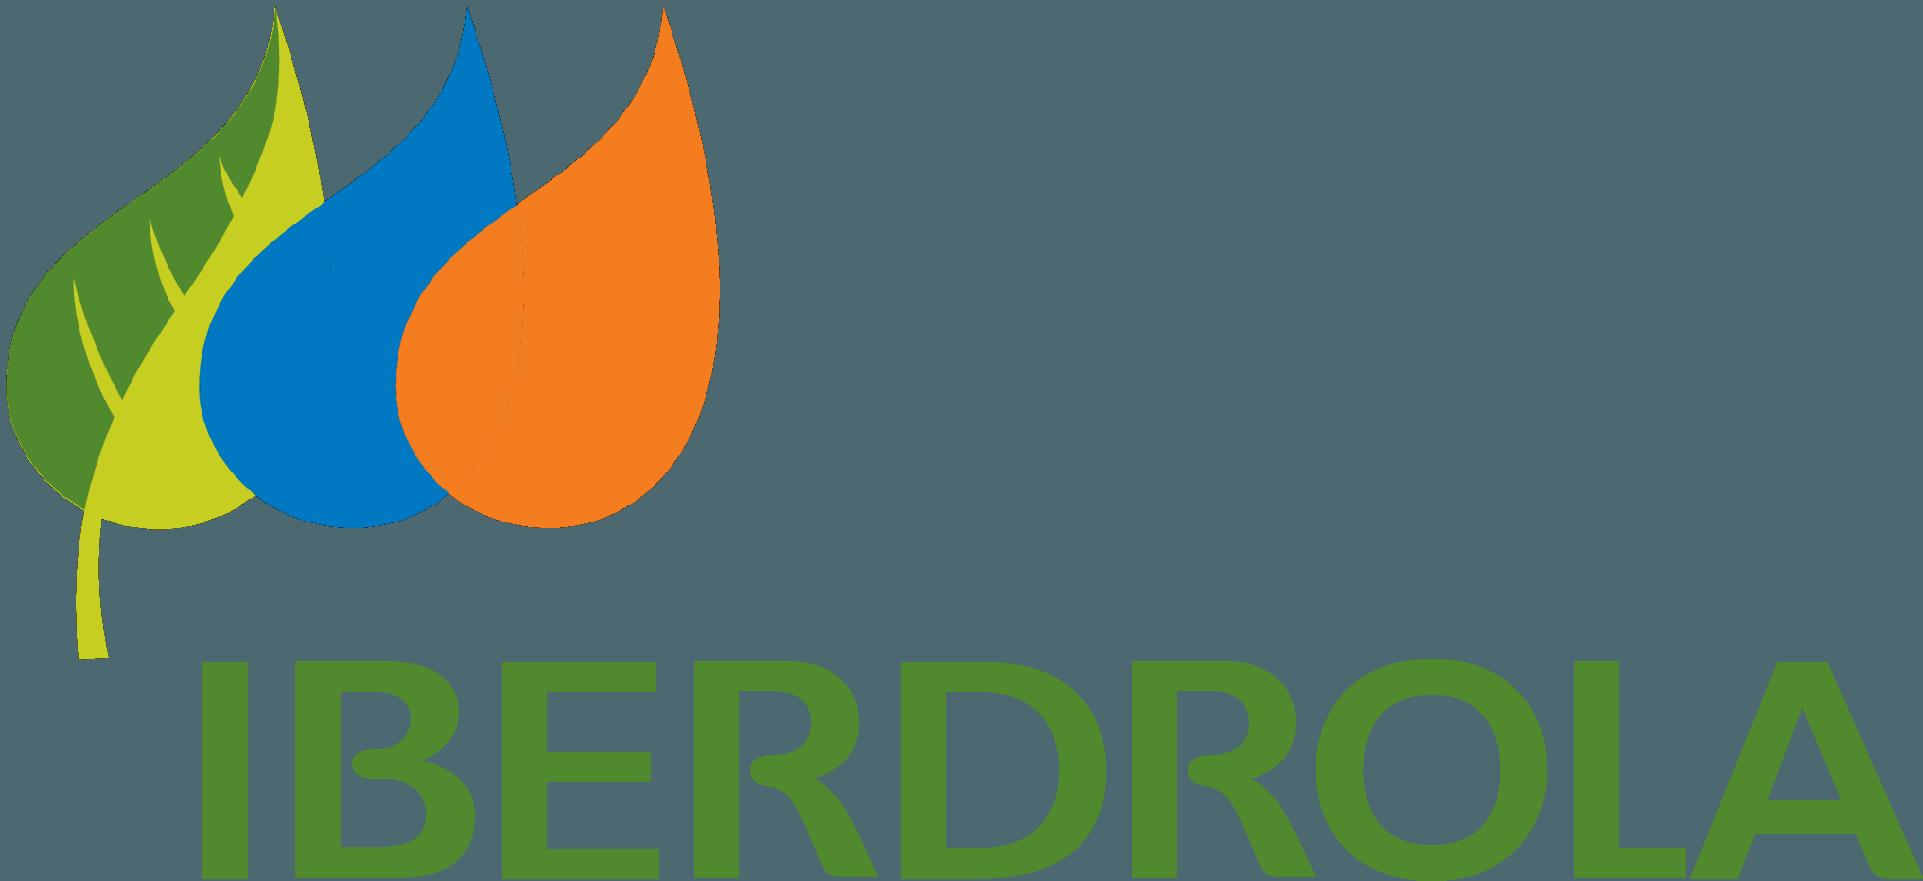 Iberdrola Logo png